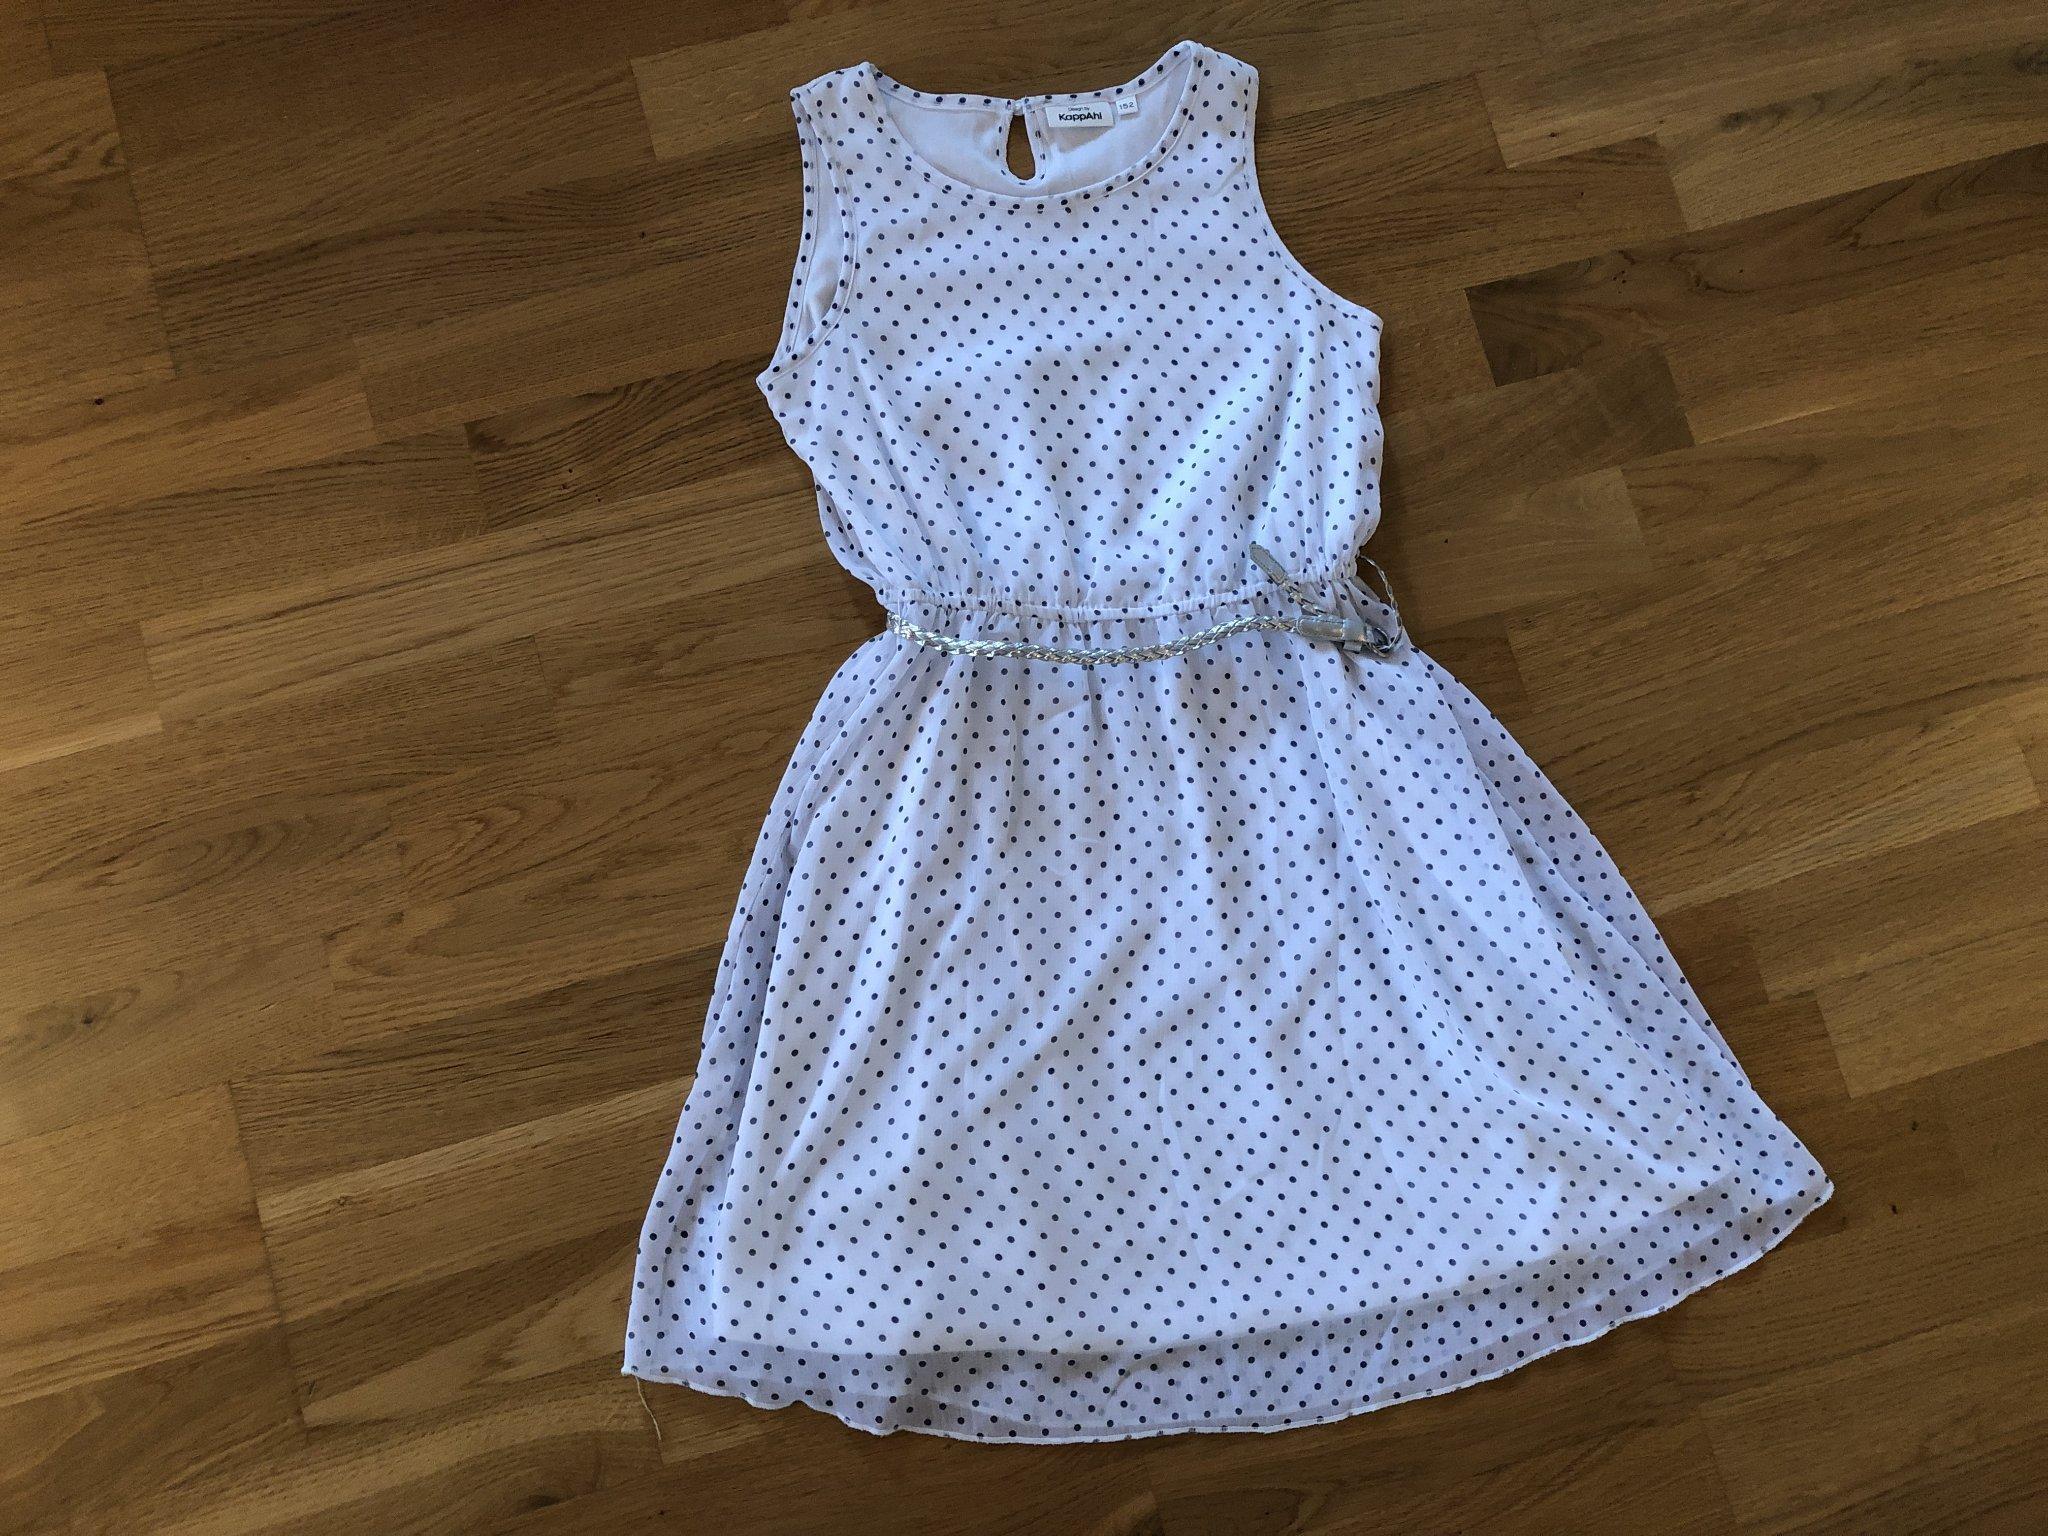 78c66df3ff39 Vit klänning med blå prickar från KappAhl stl.1.. (354621141) ᐈ Köp ...